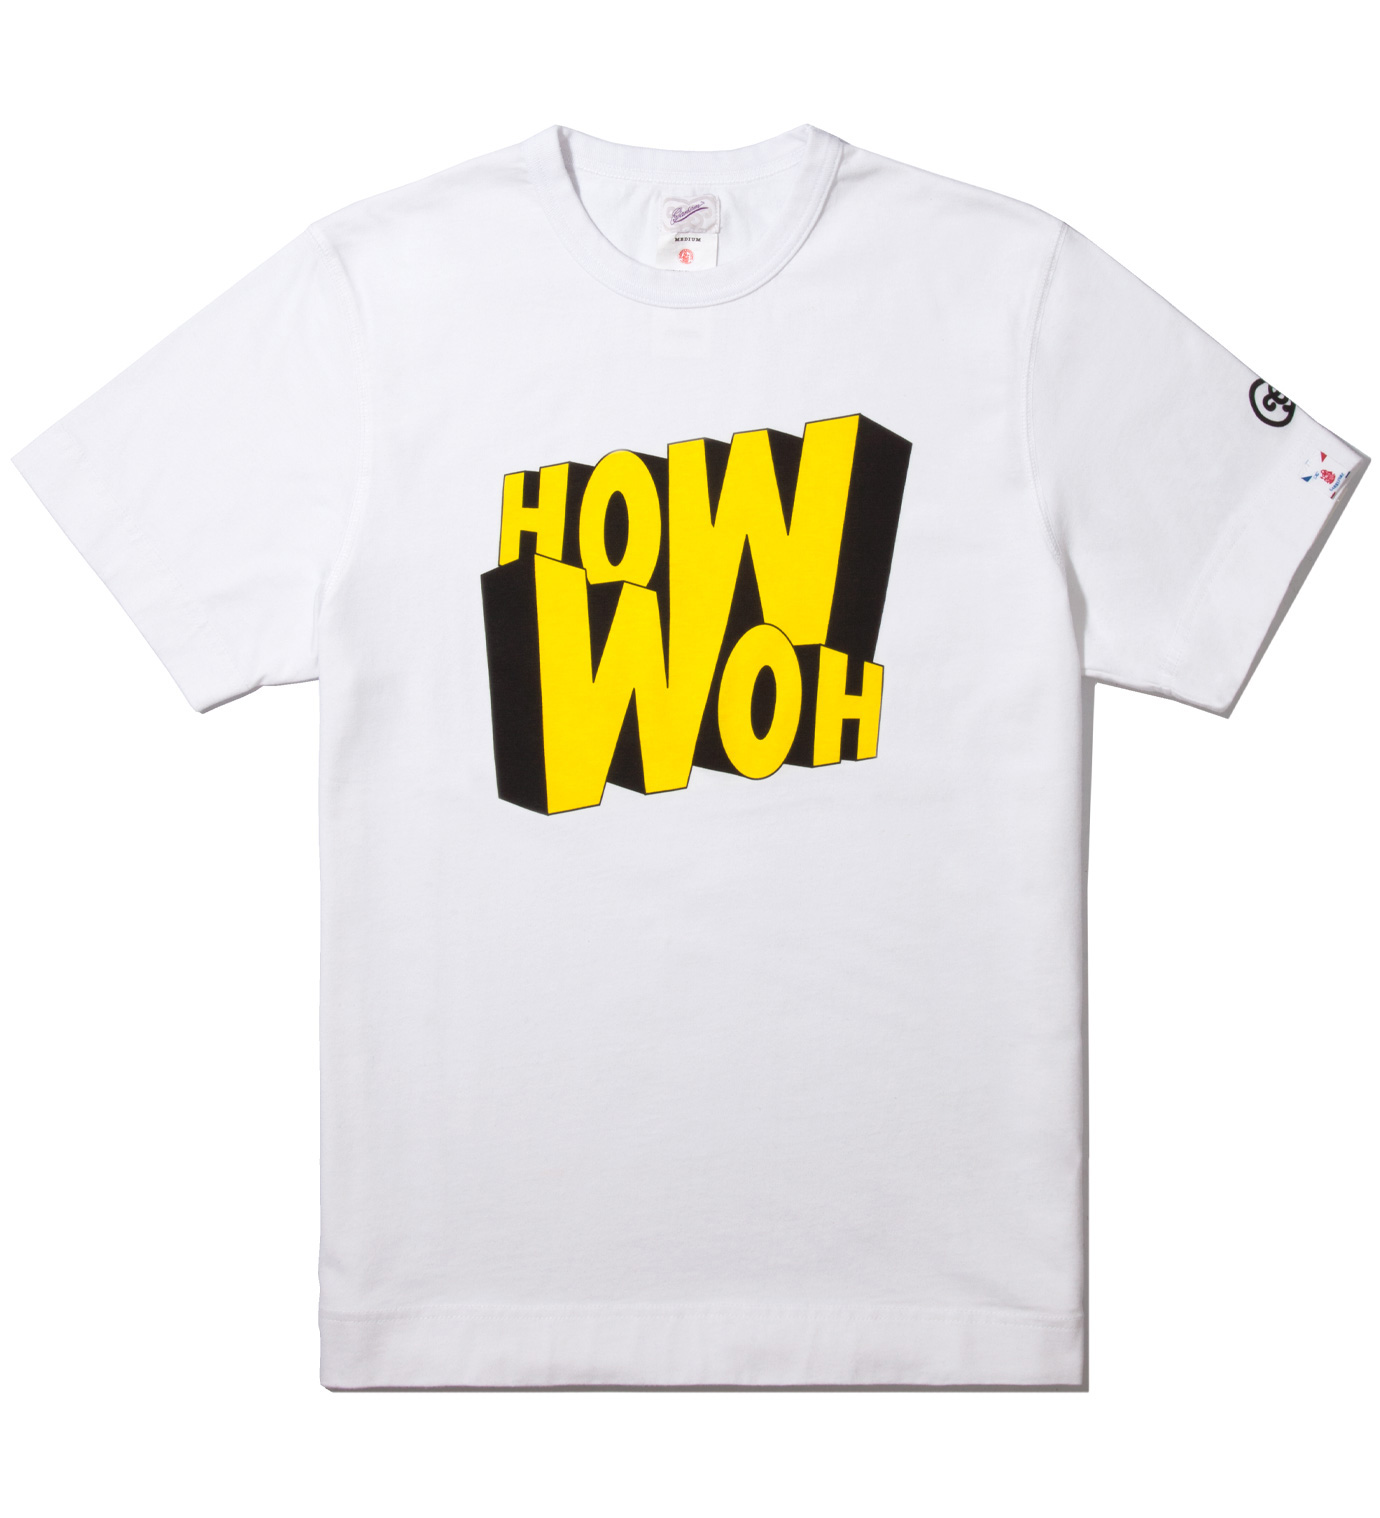 GARBSTORE White How Woh Print T-Shirt